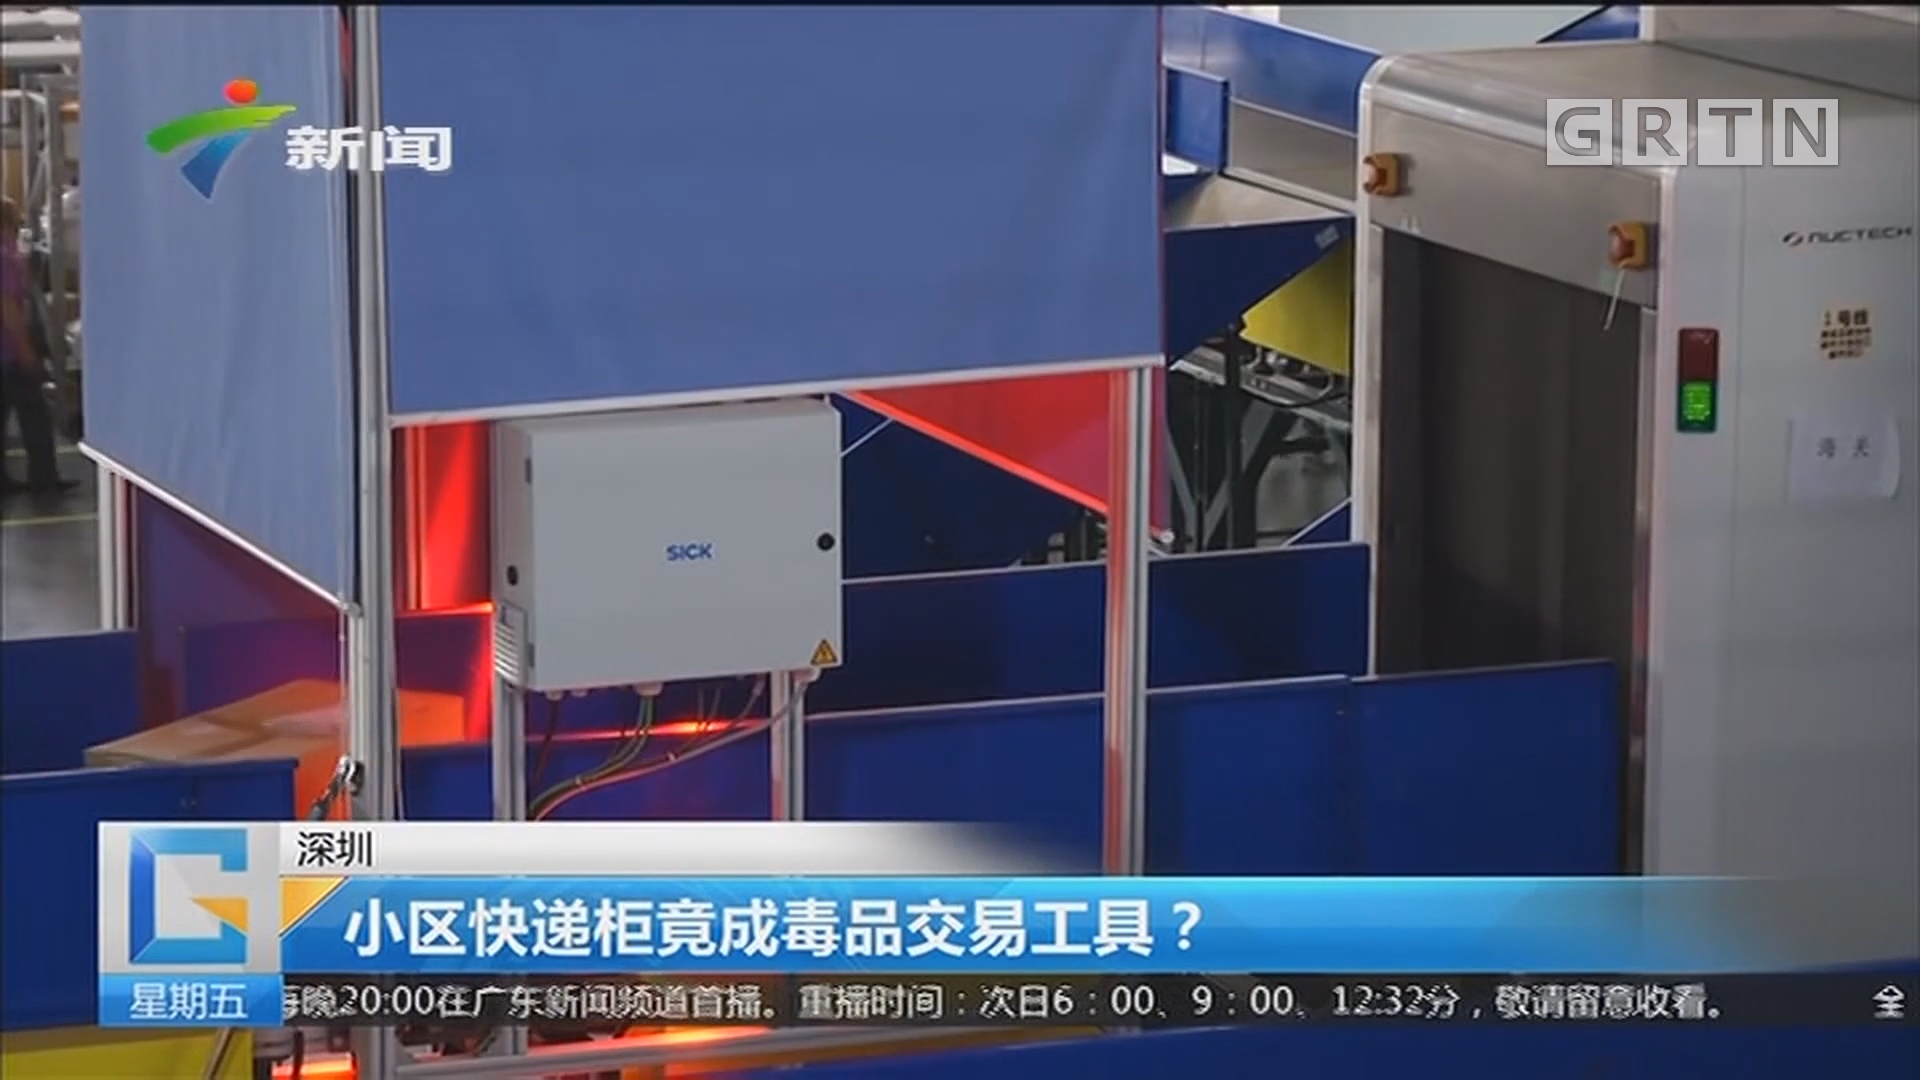 深圳:小区快递柜竟成毒品交易工具?